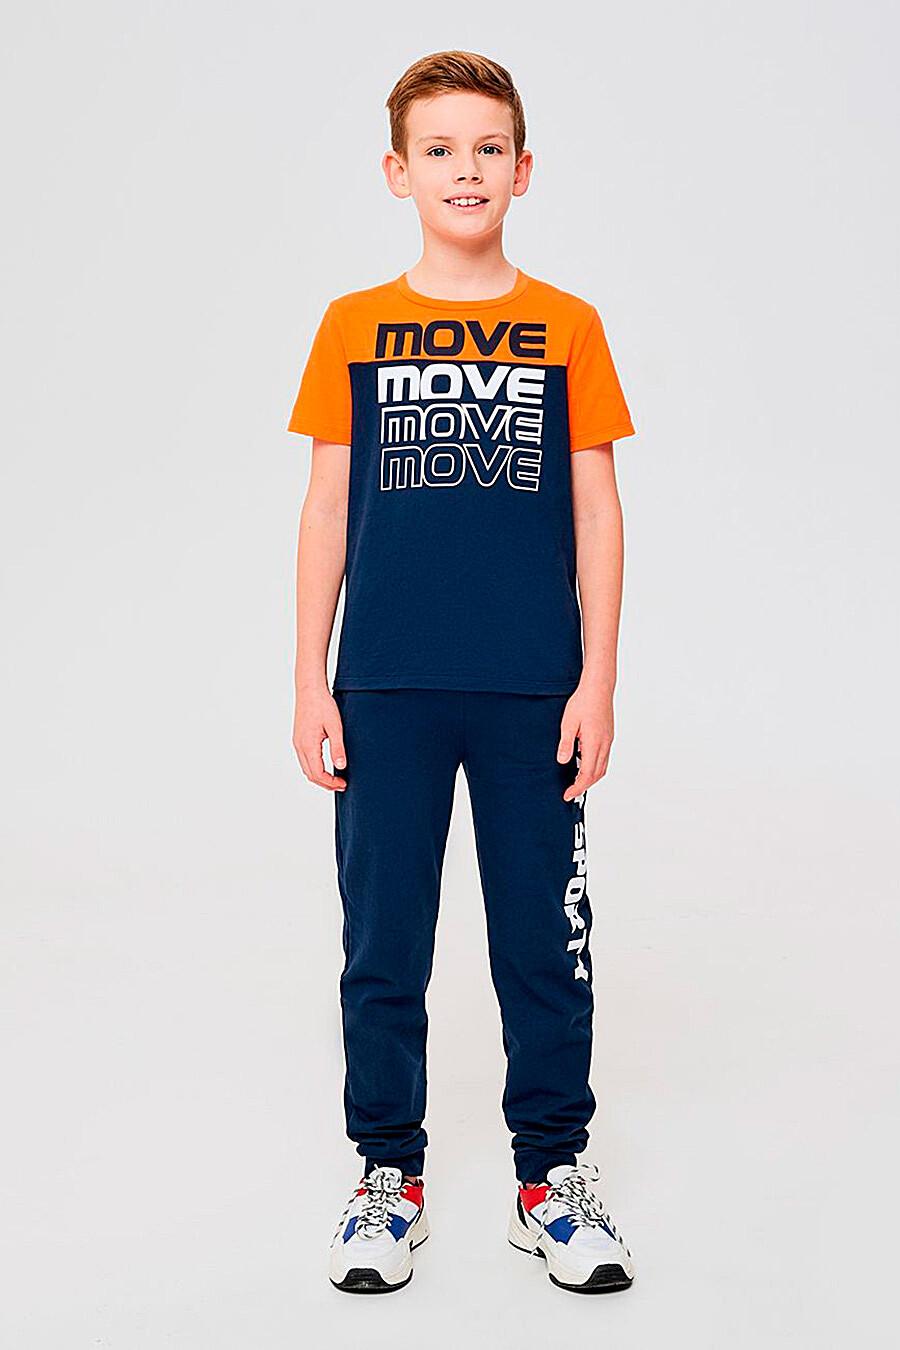 Футболка для мальчиков IN FUNT 289561 купить оптом от производителя. Совместная покупка детской одежды в OptMoyo